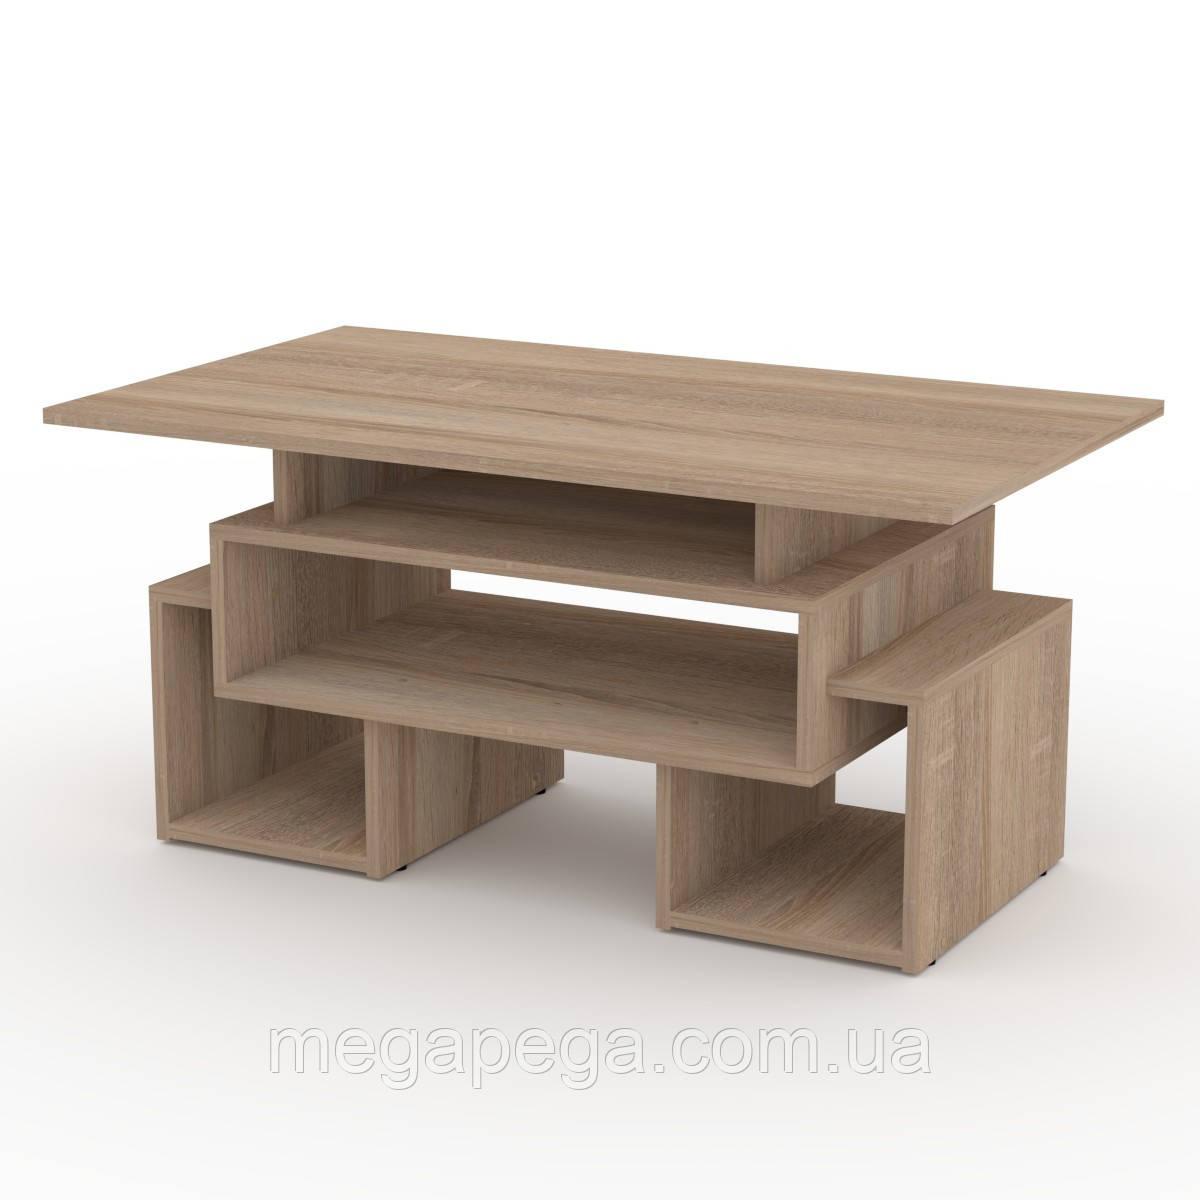 Журнальный стол Тандем (столешница торцована кромкой АБС-2 мм)